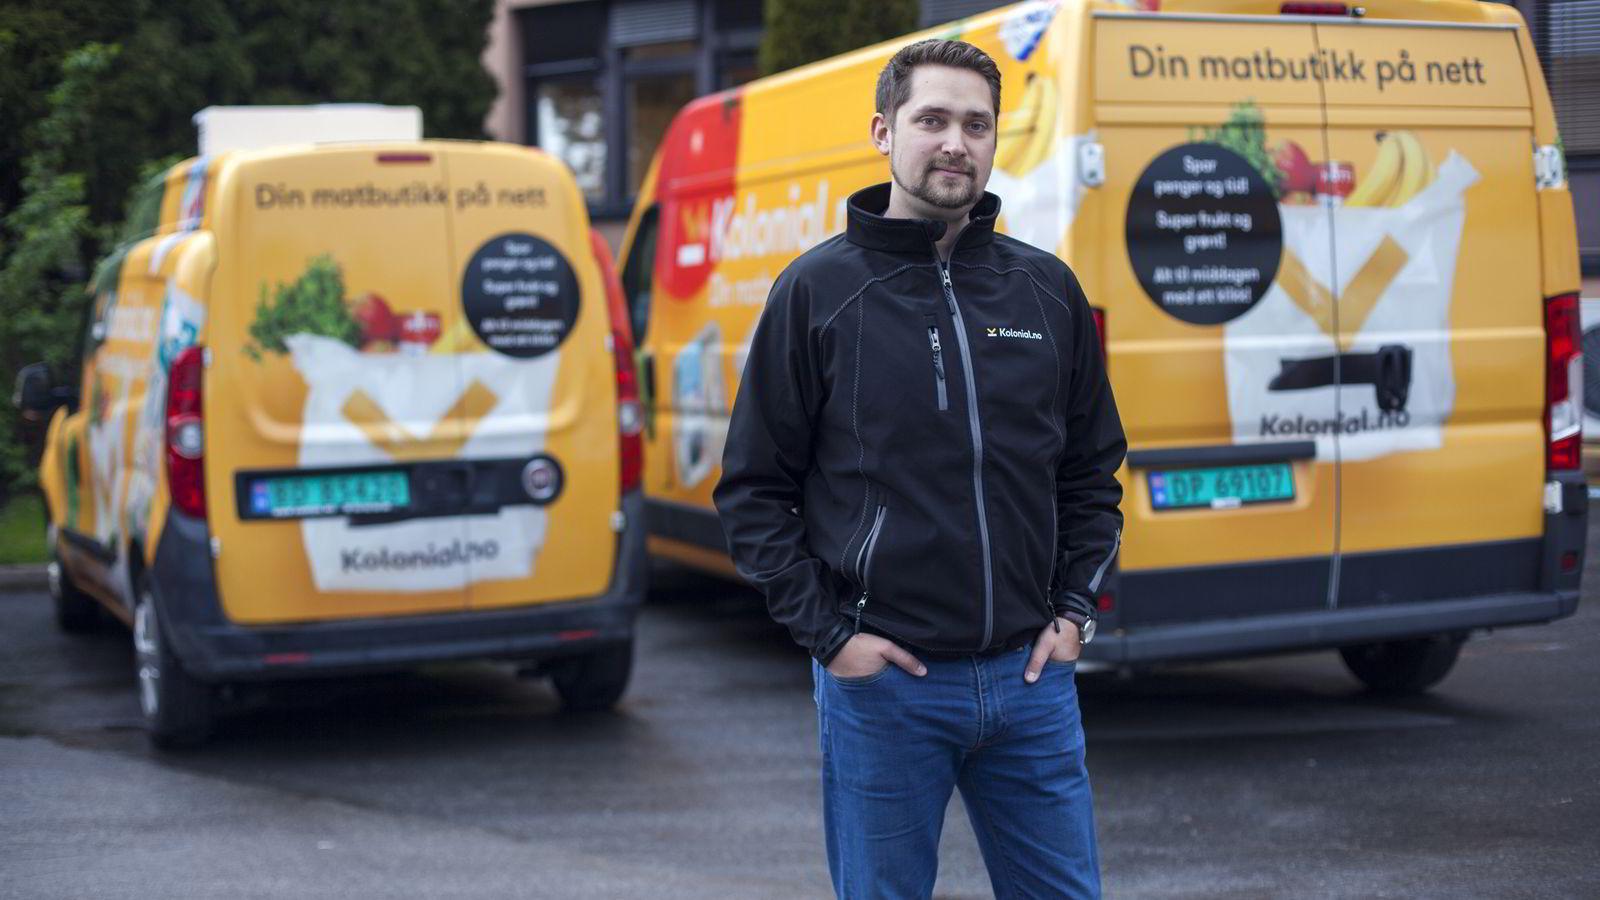 Oslo, Norge, 07.05.2015               Bilde av Karl Alveng Munthe-Kaas - Daglig leder. pakker dagligvarer som skal sendes ut til kundene for Kolonial.no på lageret på Kalbakken i Oslo.                Foto: